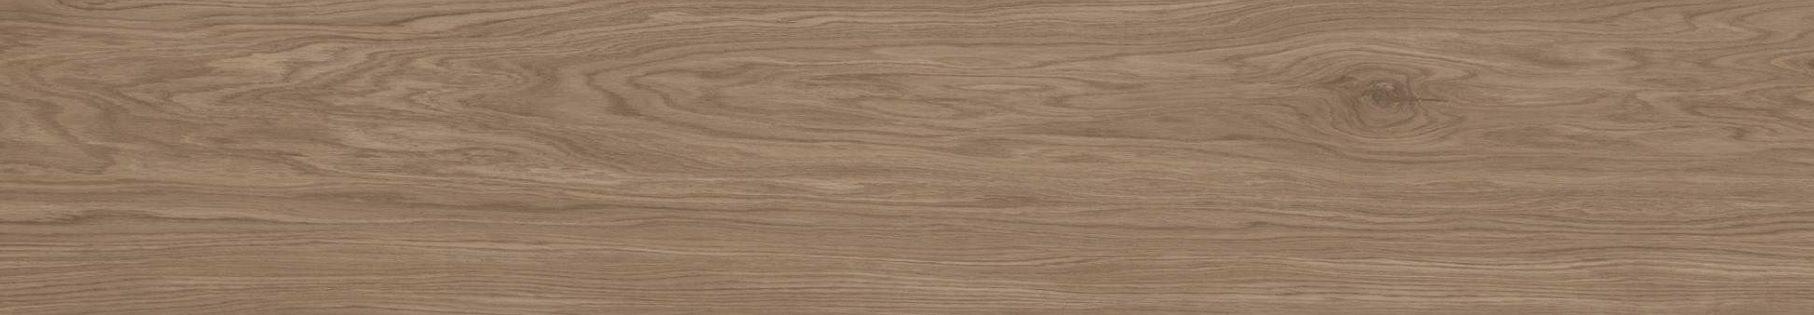 Houtlook tegel Bruin 23,3x120cm (Keramiek)